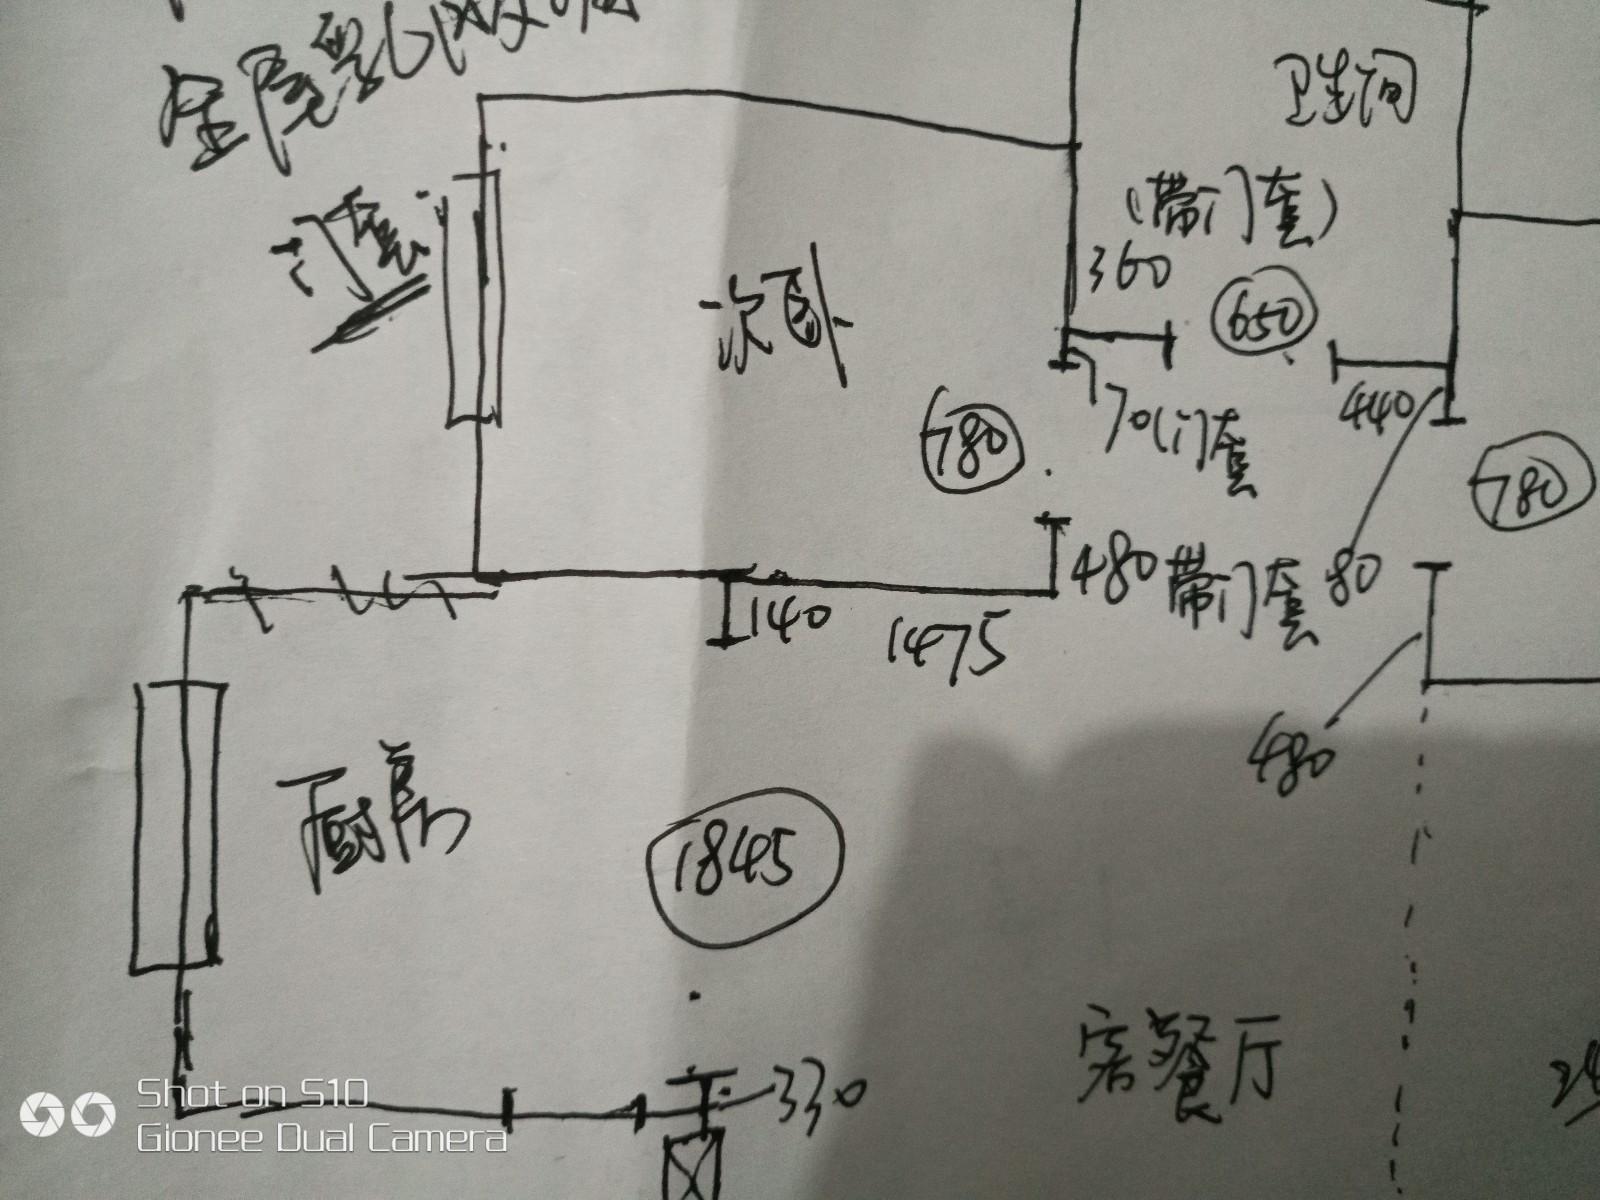 厨房电路图怎么画